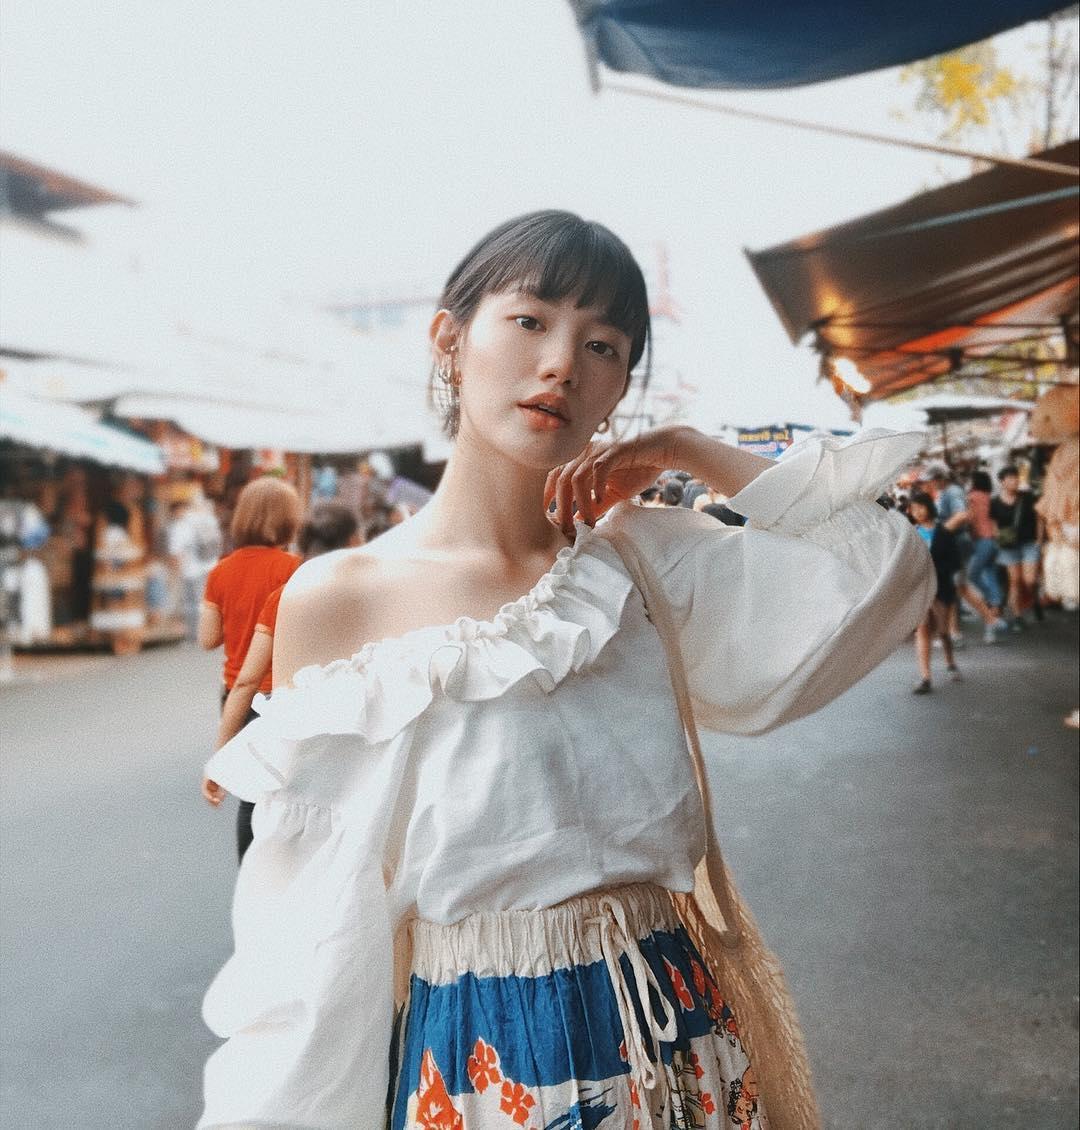 Hot girl Thái Lan chỉ mặc đồ cơ bản, giá rẻ bèo vẫn nổi khắp châu Á Ảnh 13